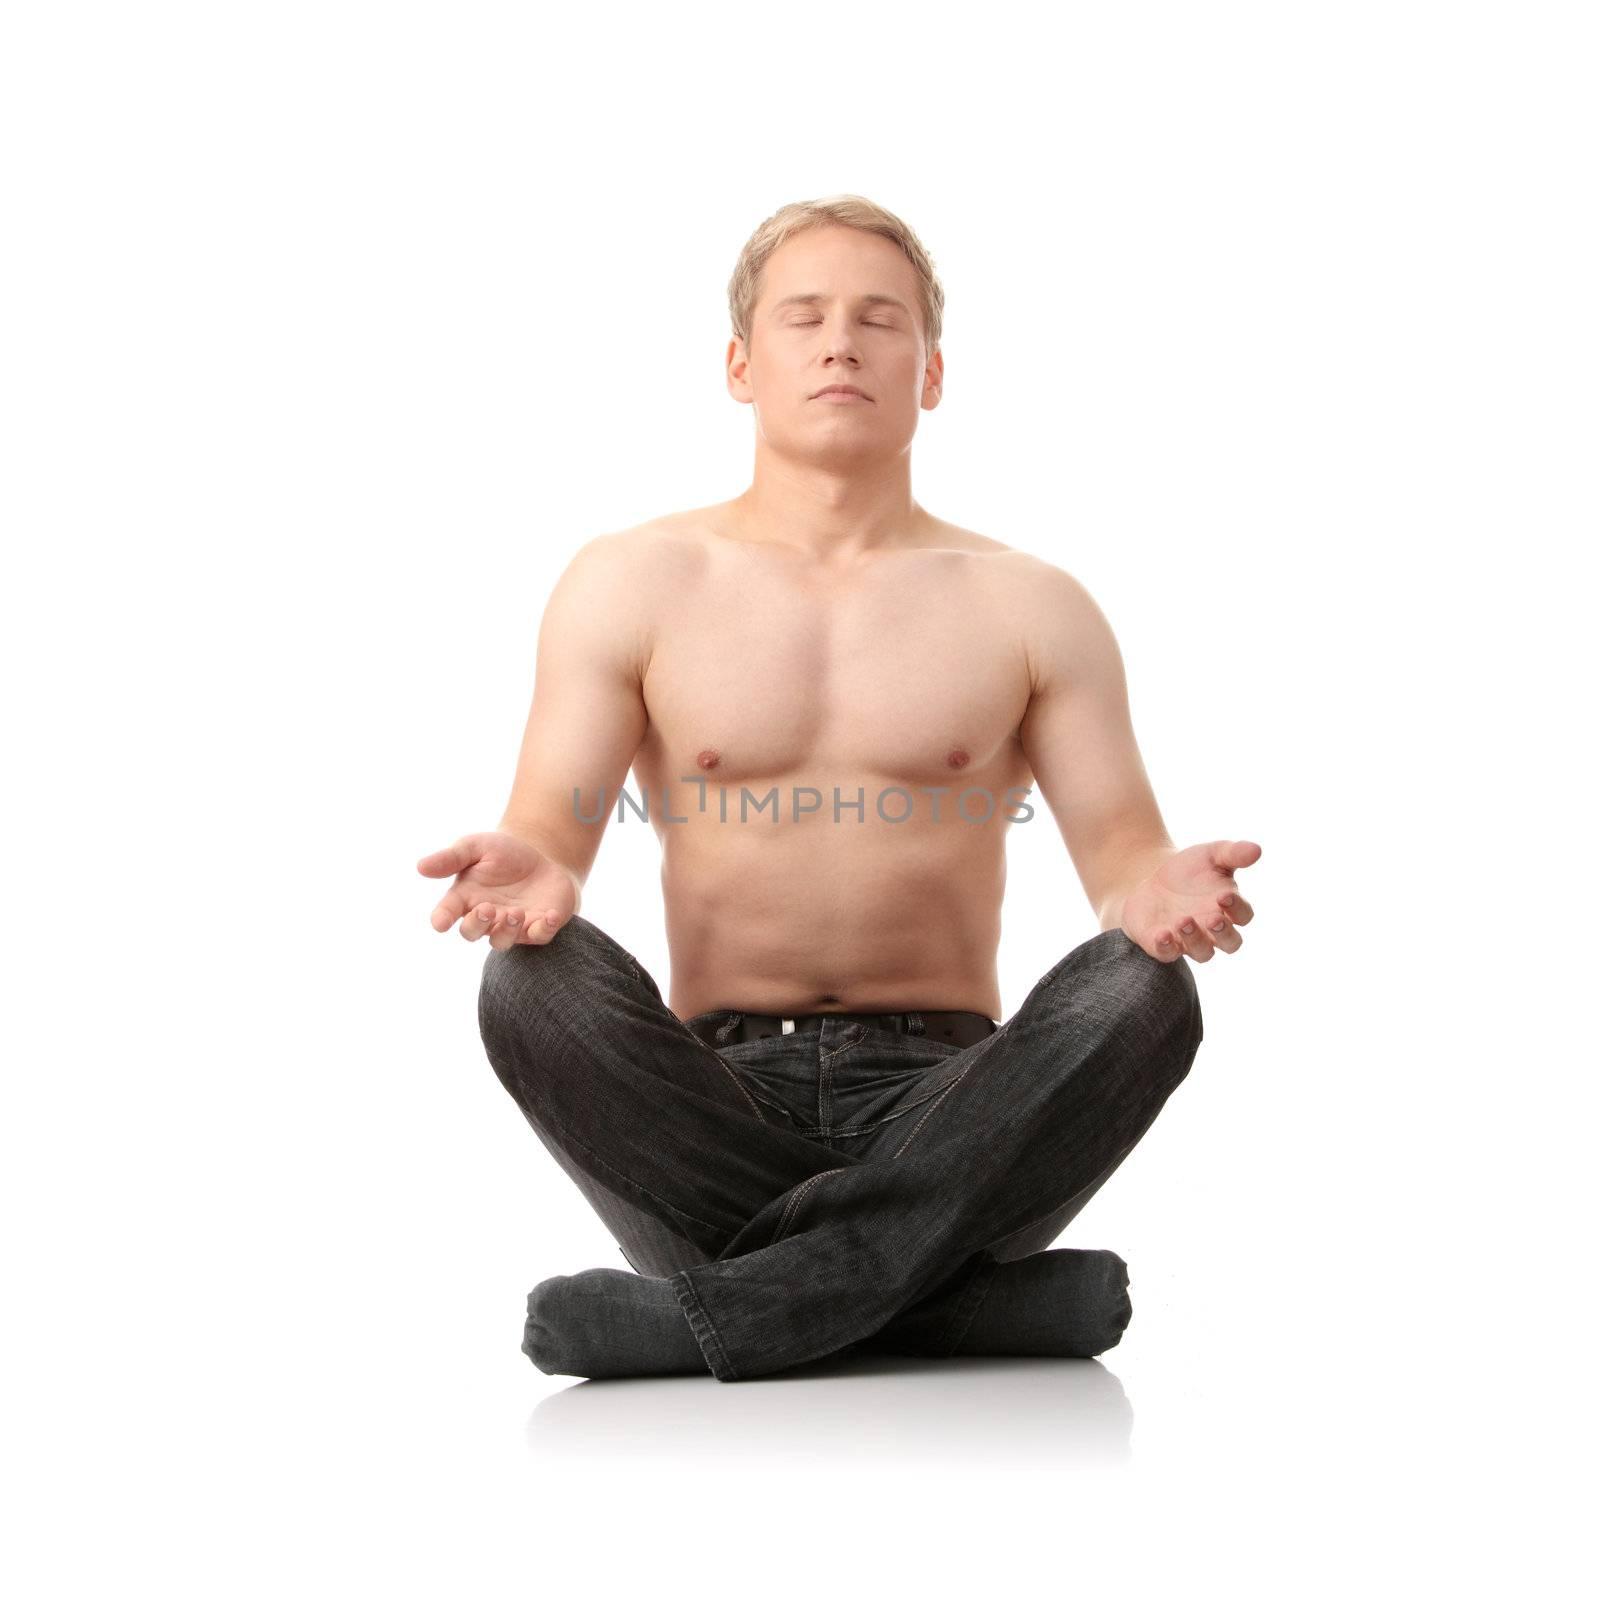 Yoga male isolated on white background